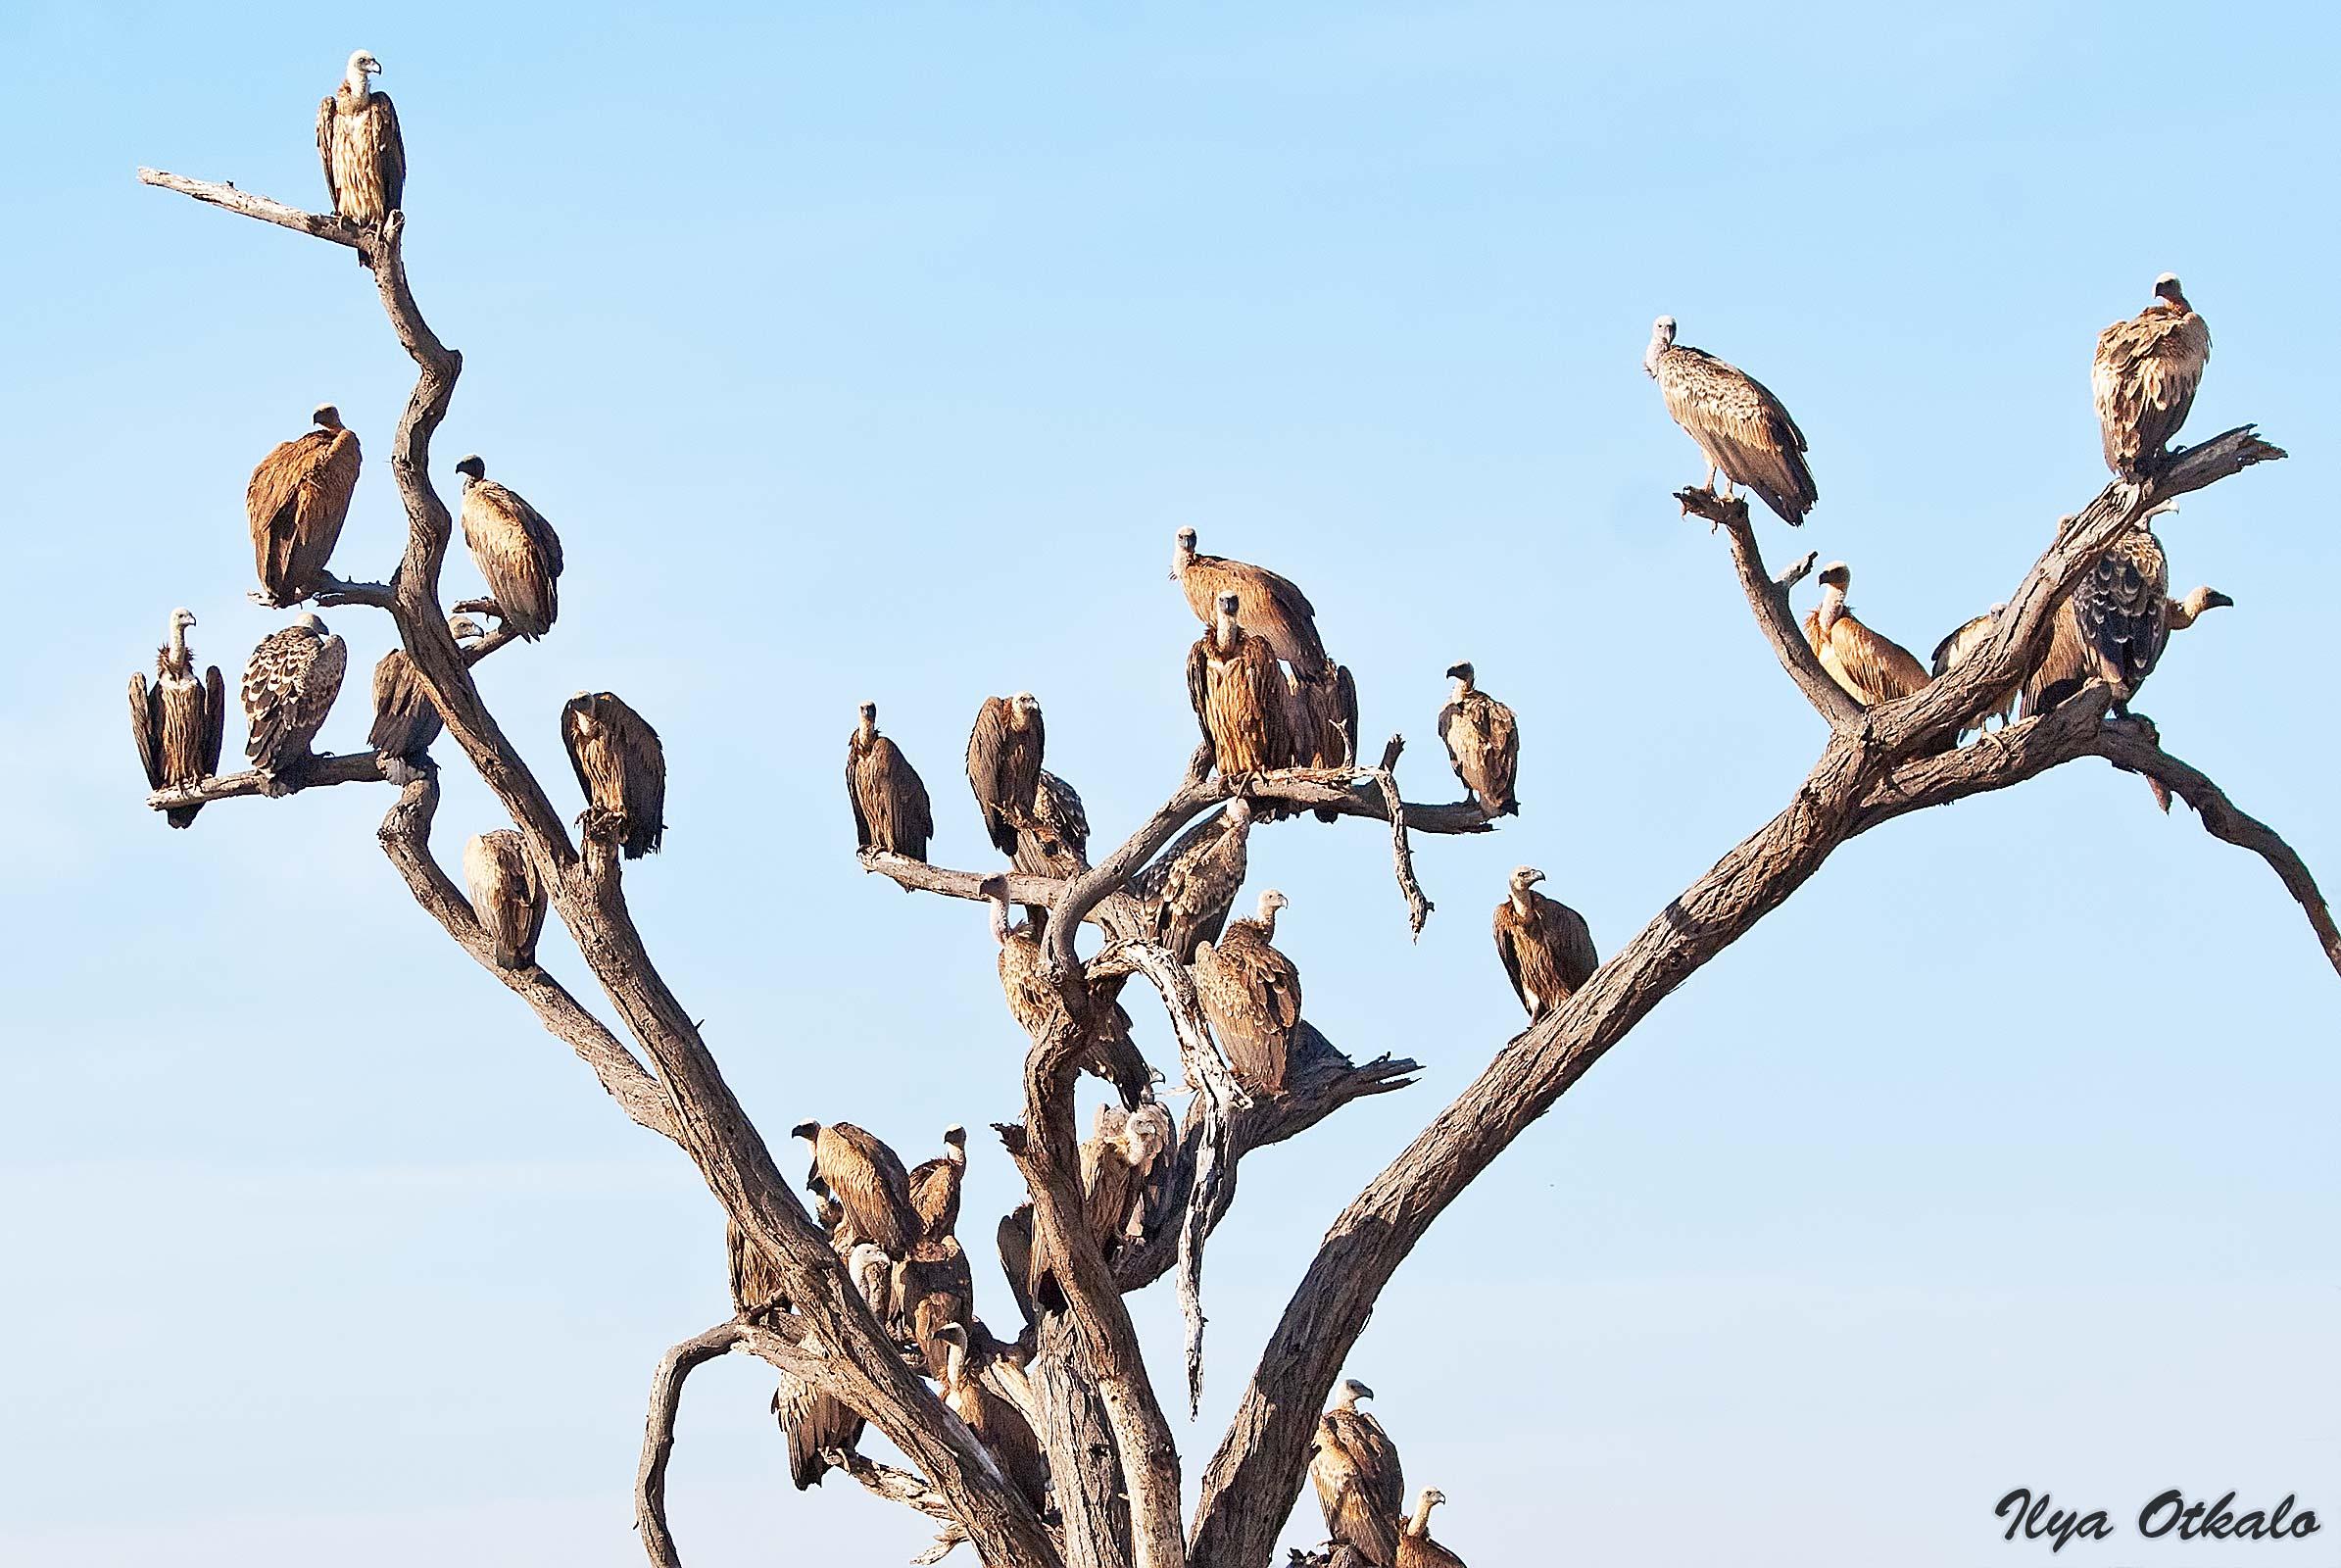 Кения, Национальный парк - заповедник Шаба. Грифы на дереве.